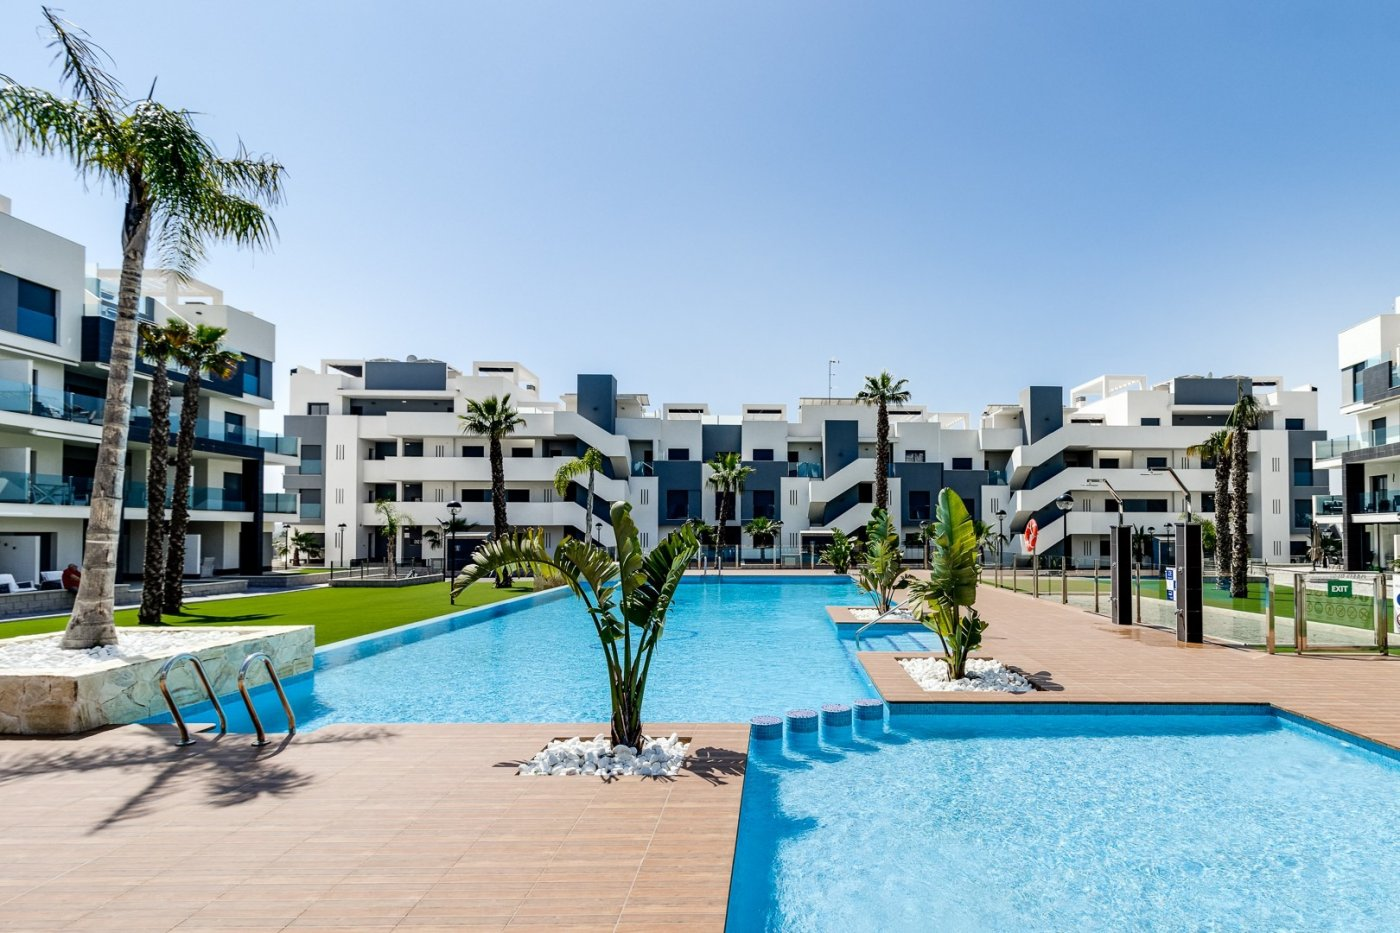 Nuevo complejo residencial en el raso (guardamar)!!! - imagenInmueble2